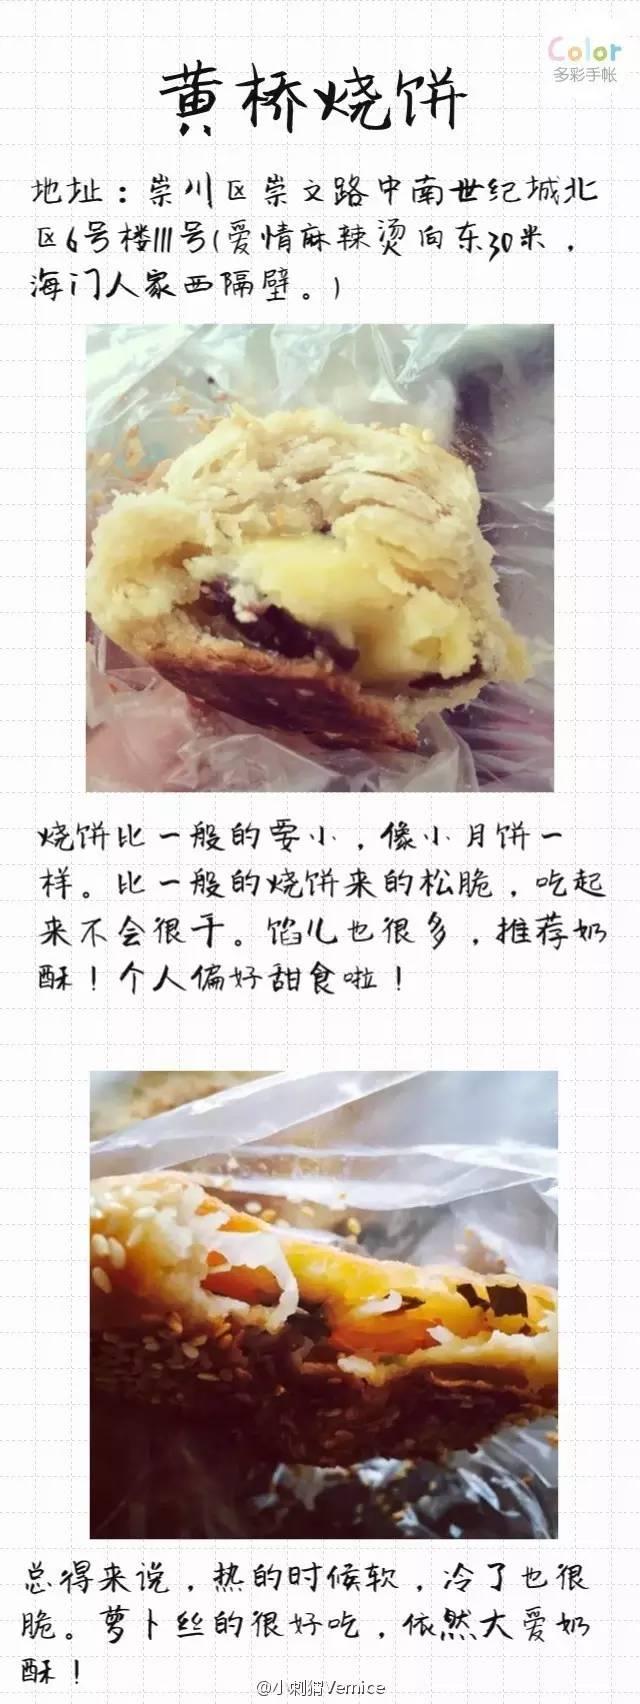 南通网友做了份早餐美食图,吃货们坐不住了!